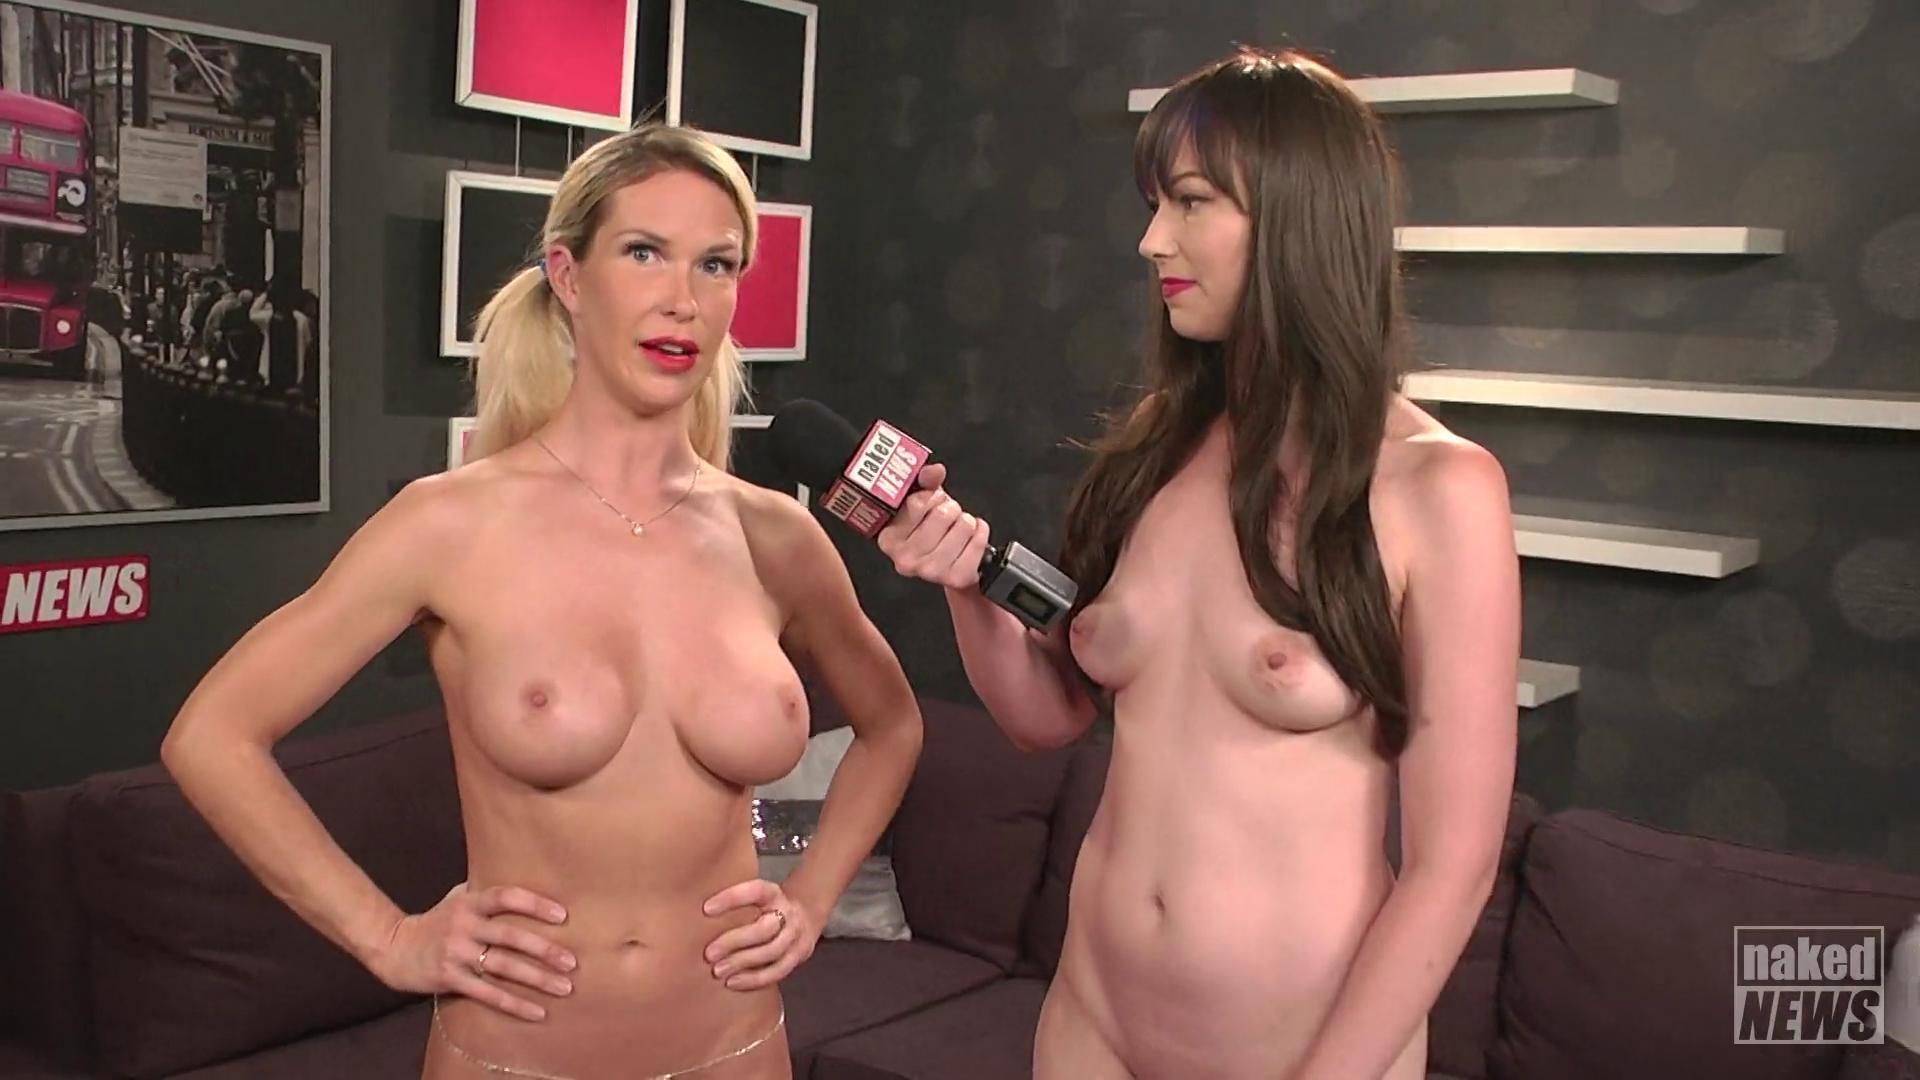 Naked News Tv Reporter Jenny Scordamaglia Parties